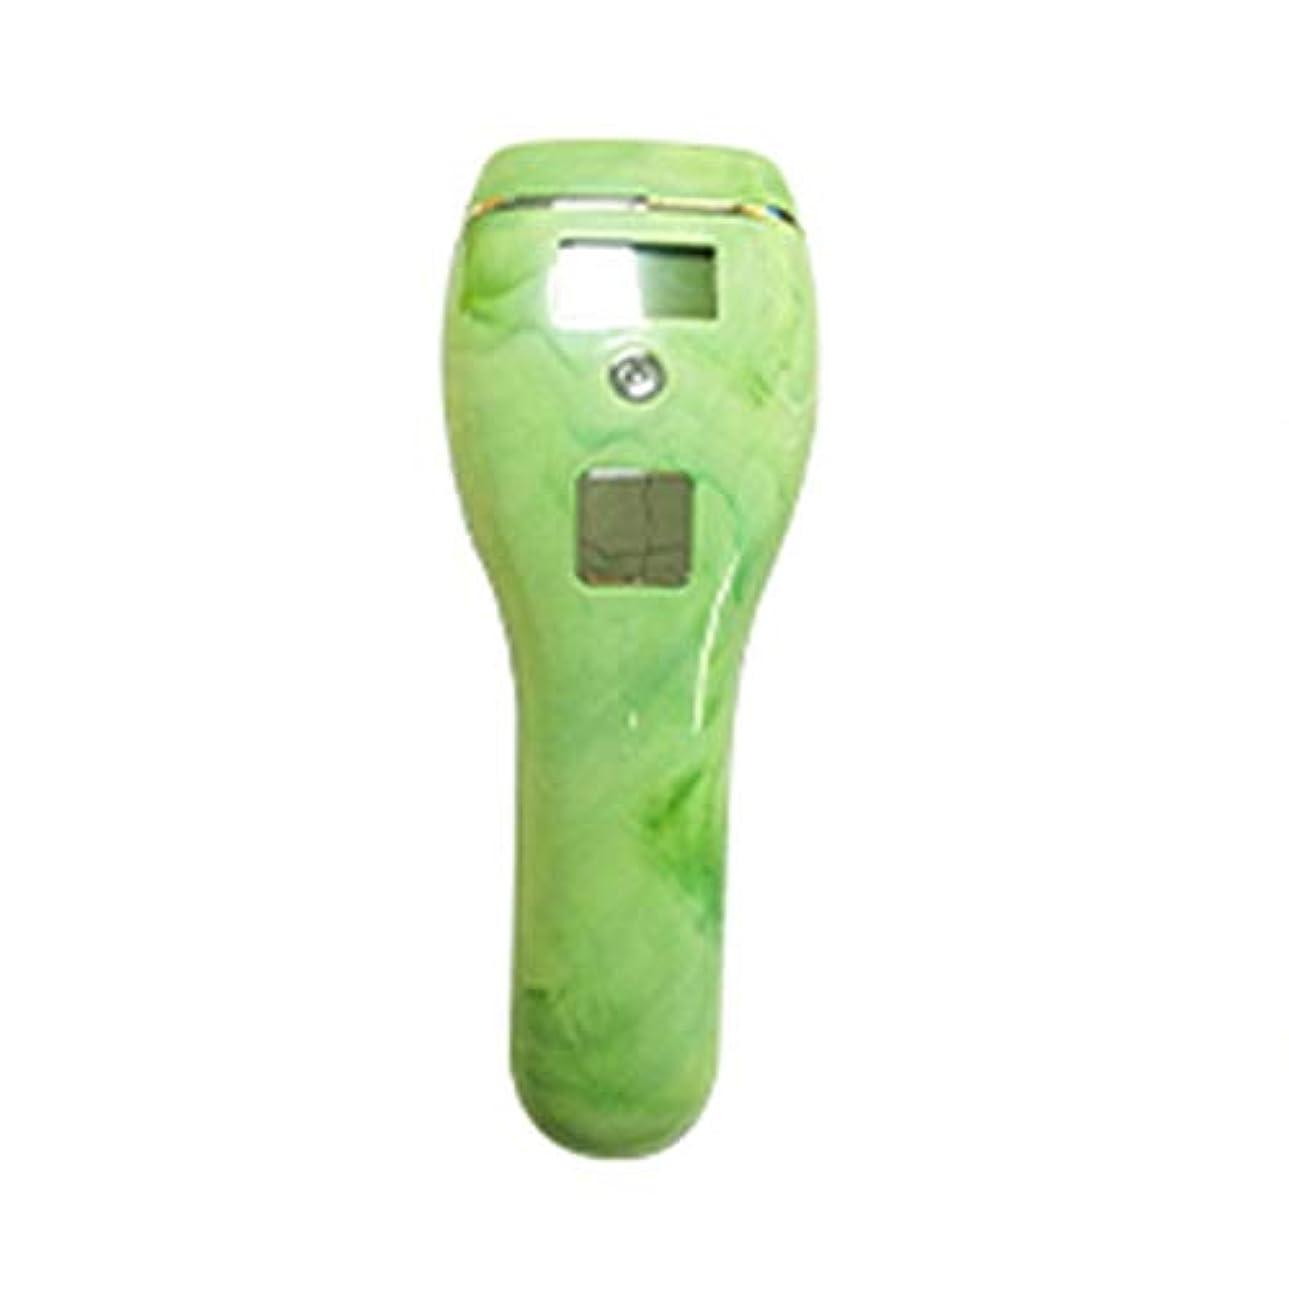 同意するスキャンナプキンダパイ 自動肌のカラーセンシング、グリーン、5速調整、クォーツチューブ、携帯用痛みのない全身凍結乾燥用除湿器、サイズ19x7x5cm U546 (Color : Green)